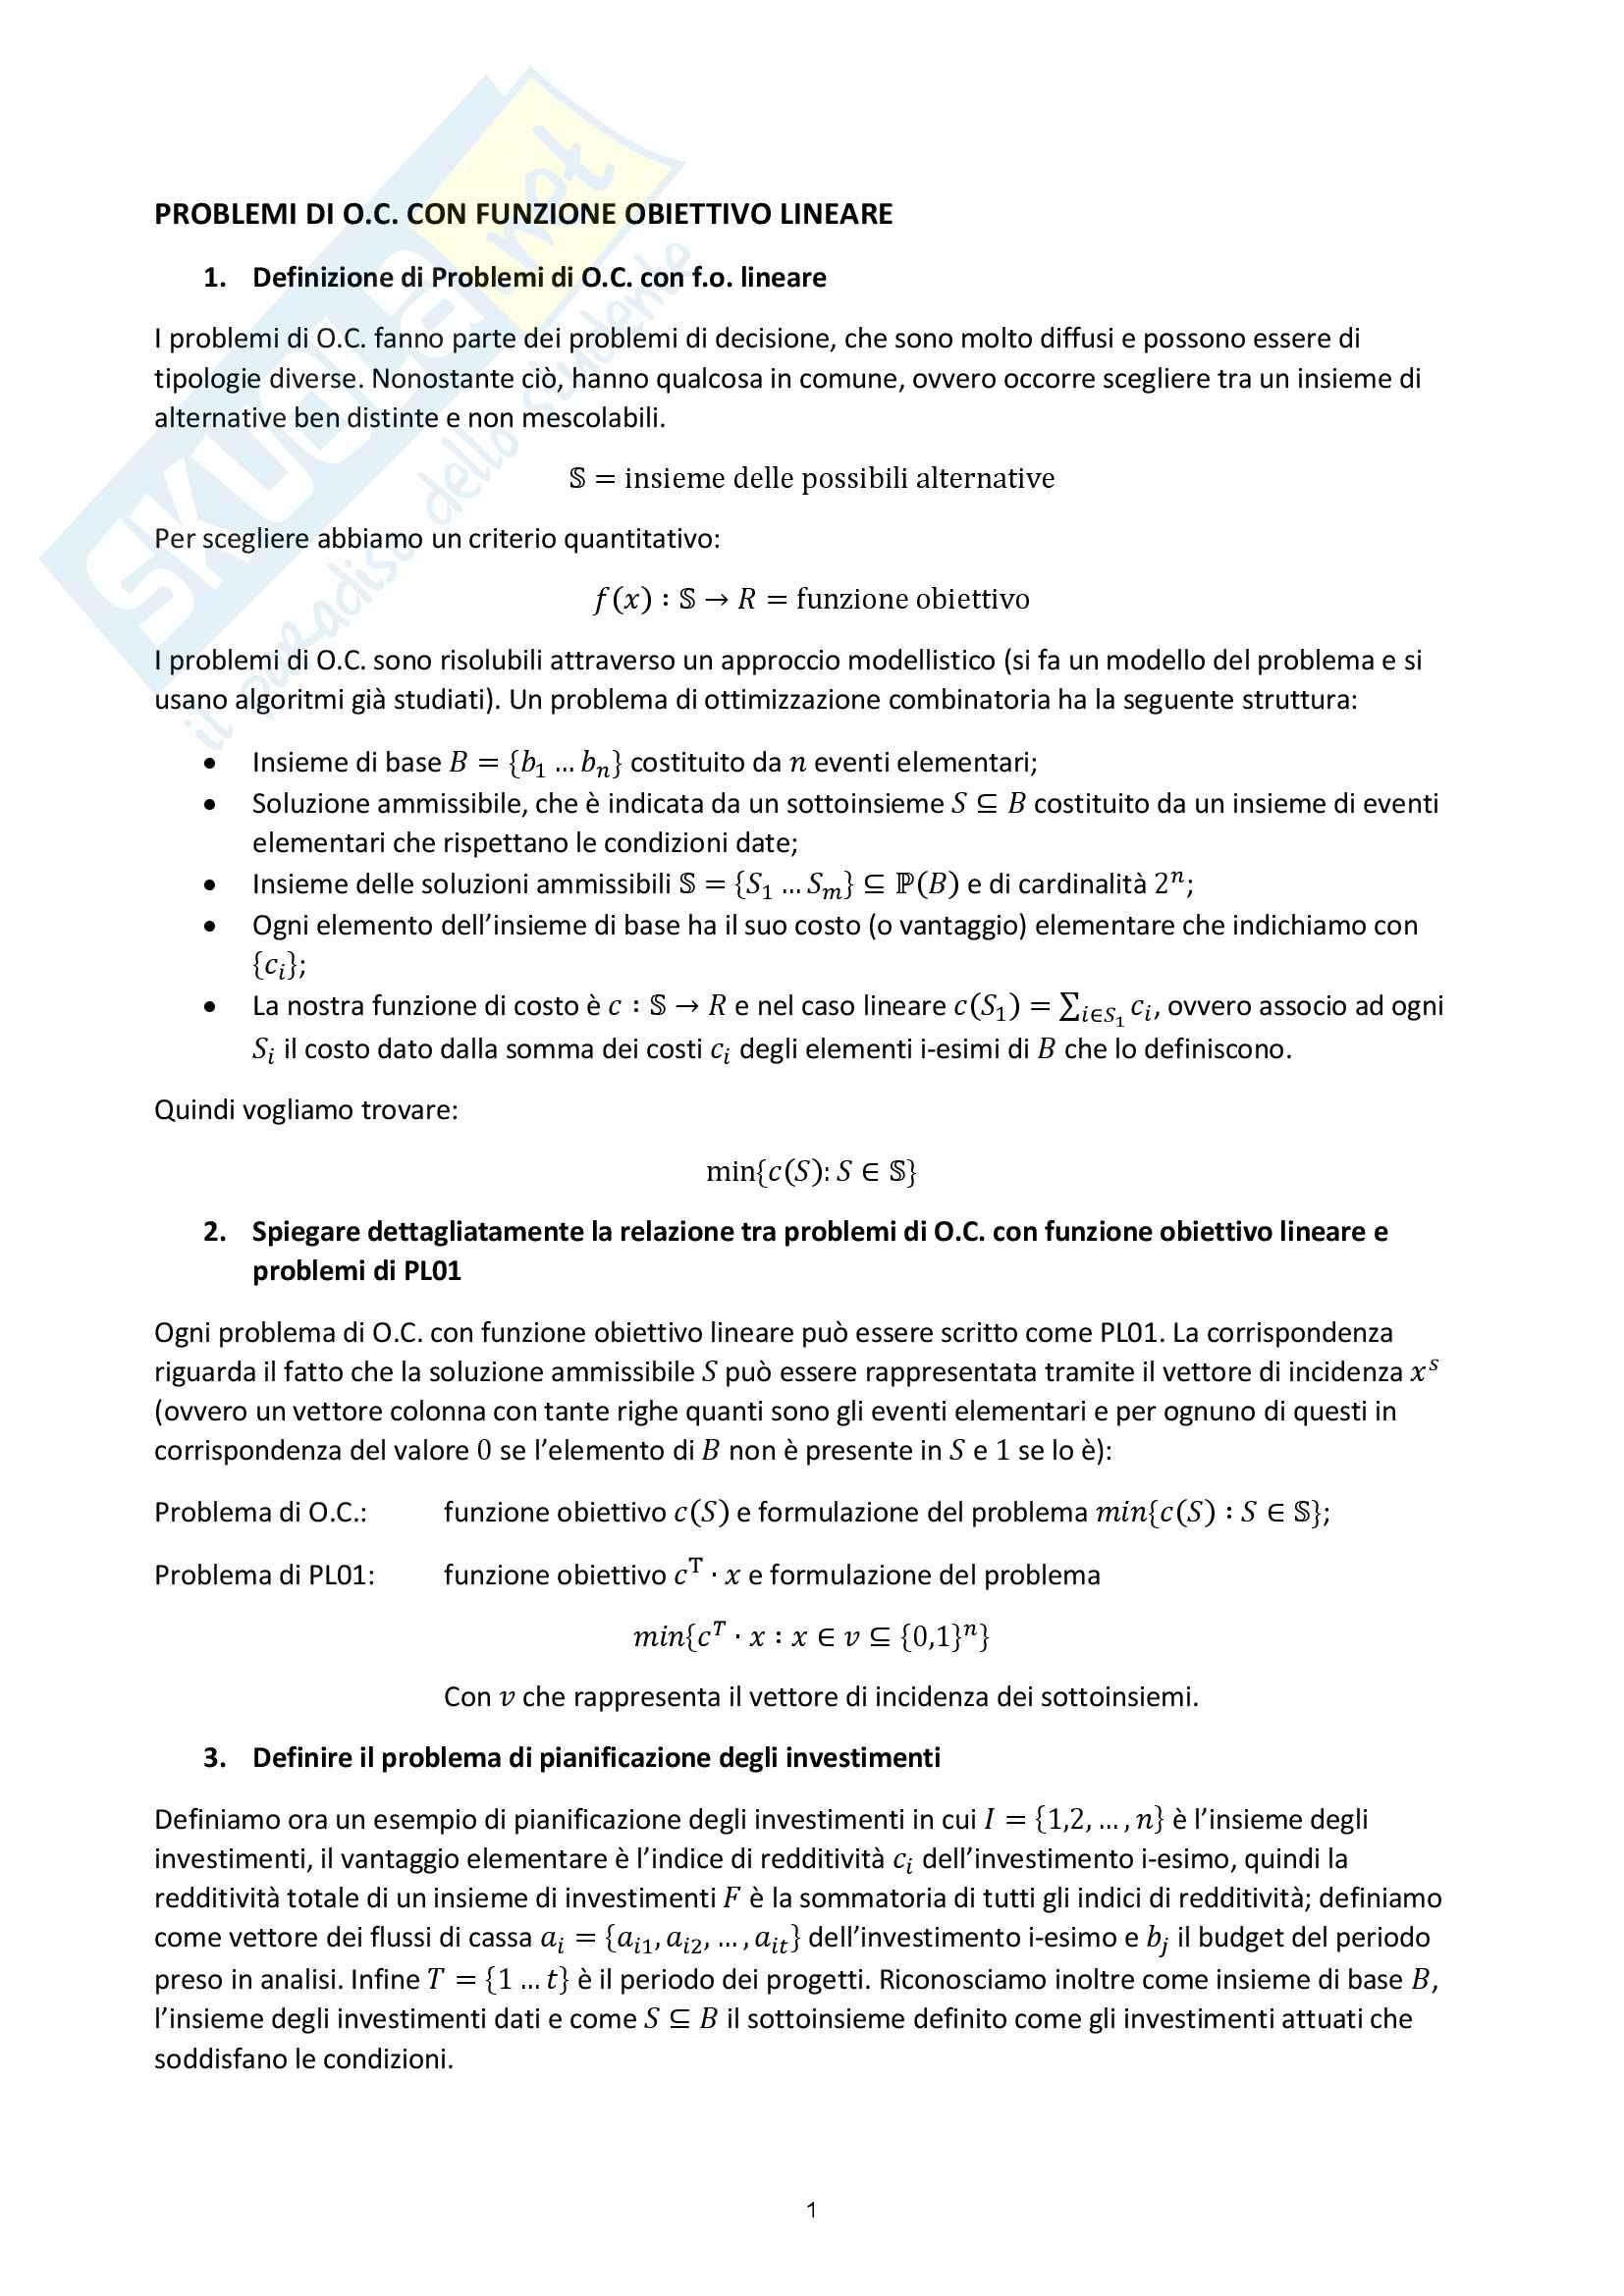 Ottimizzazione Combinatoria - Domande e Risposte Esame